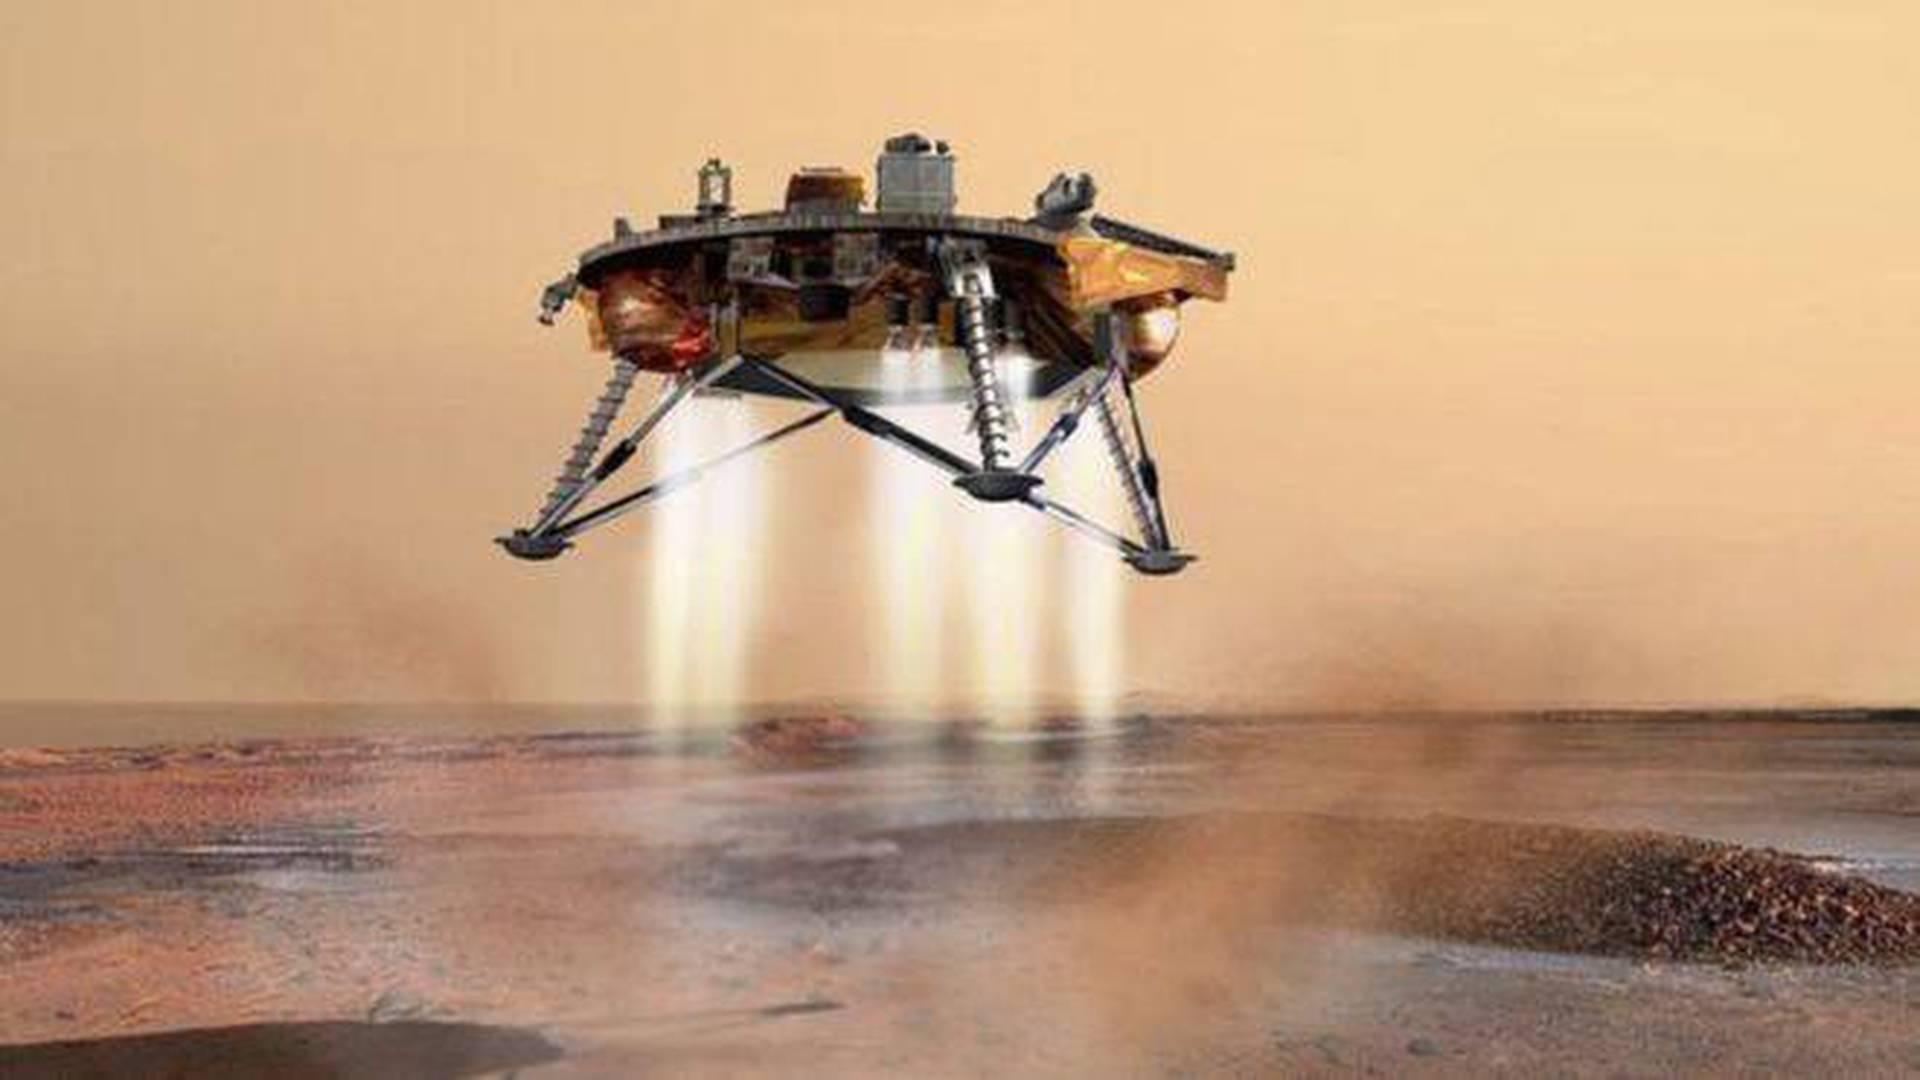 En noviembre de 2018 InSight entró en la atmósfera marciana a 19.800 km por hora. Para lograr un aterrizaje exitoso, tuvo que reducir su velocidad en menos de siete minutos a solamente 8 km por hora.